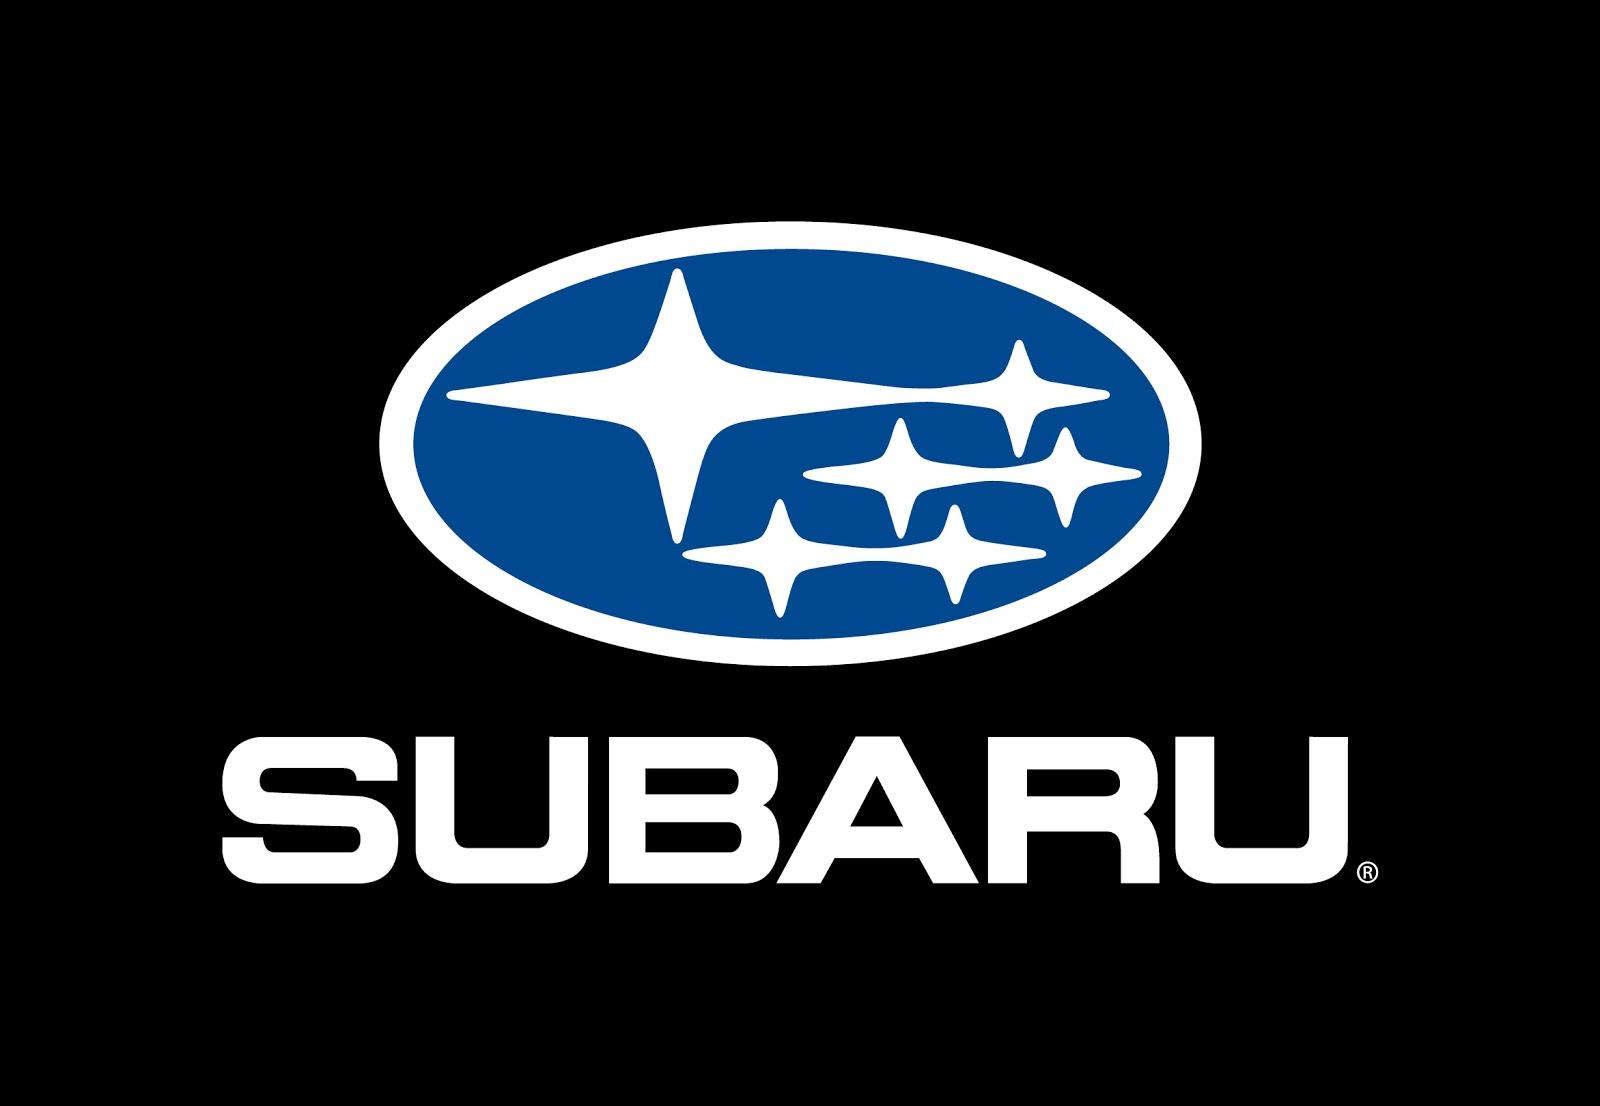 2020 Subaru Outback is techy and turbocharged  msncom